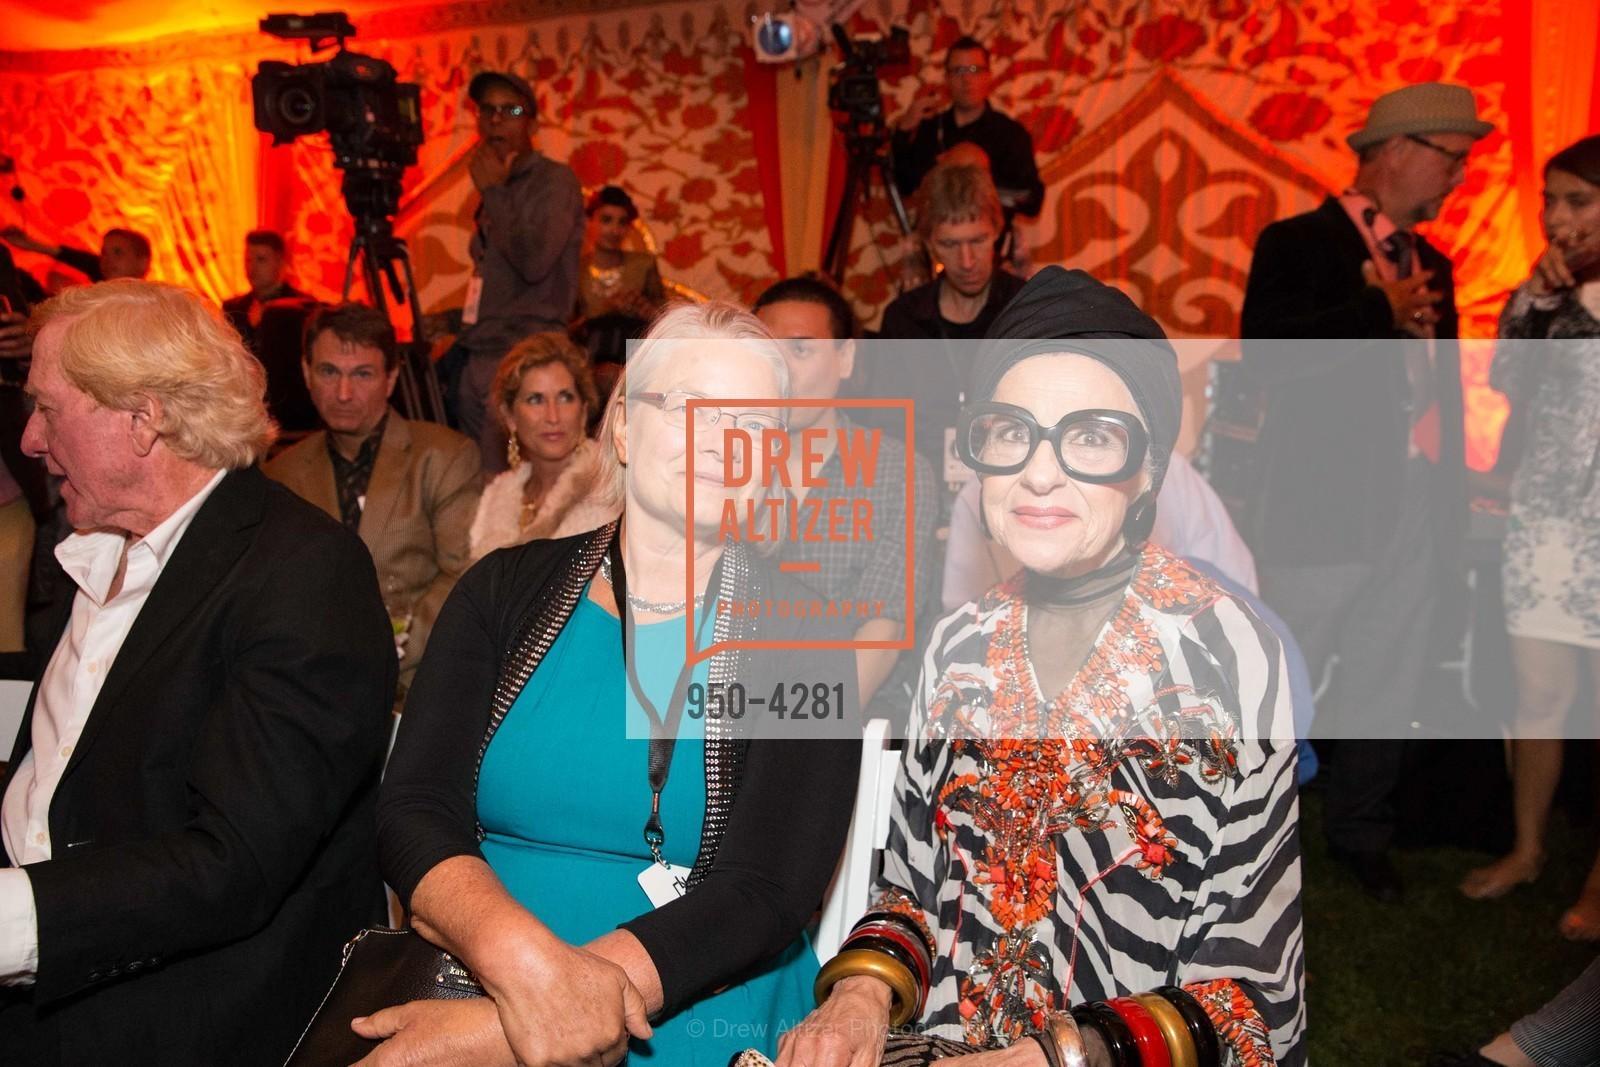 Susan Young, Joy Venturini Bianchi, Photo #950-4281